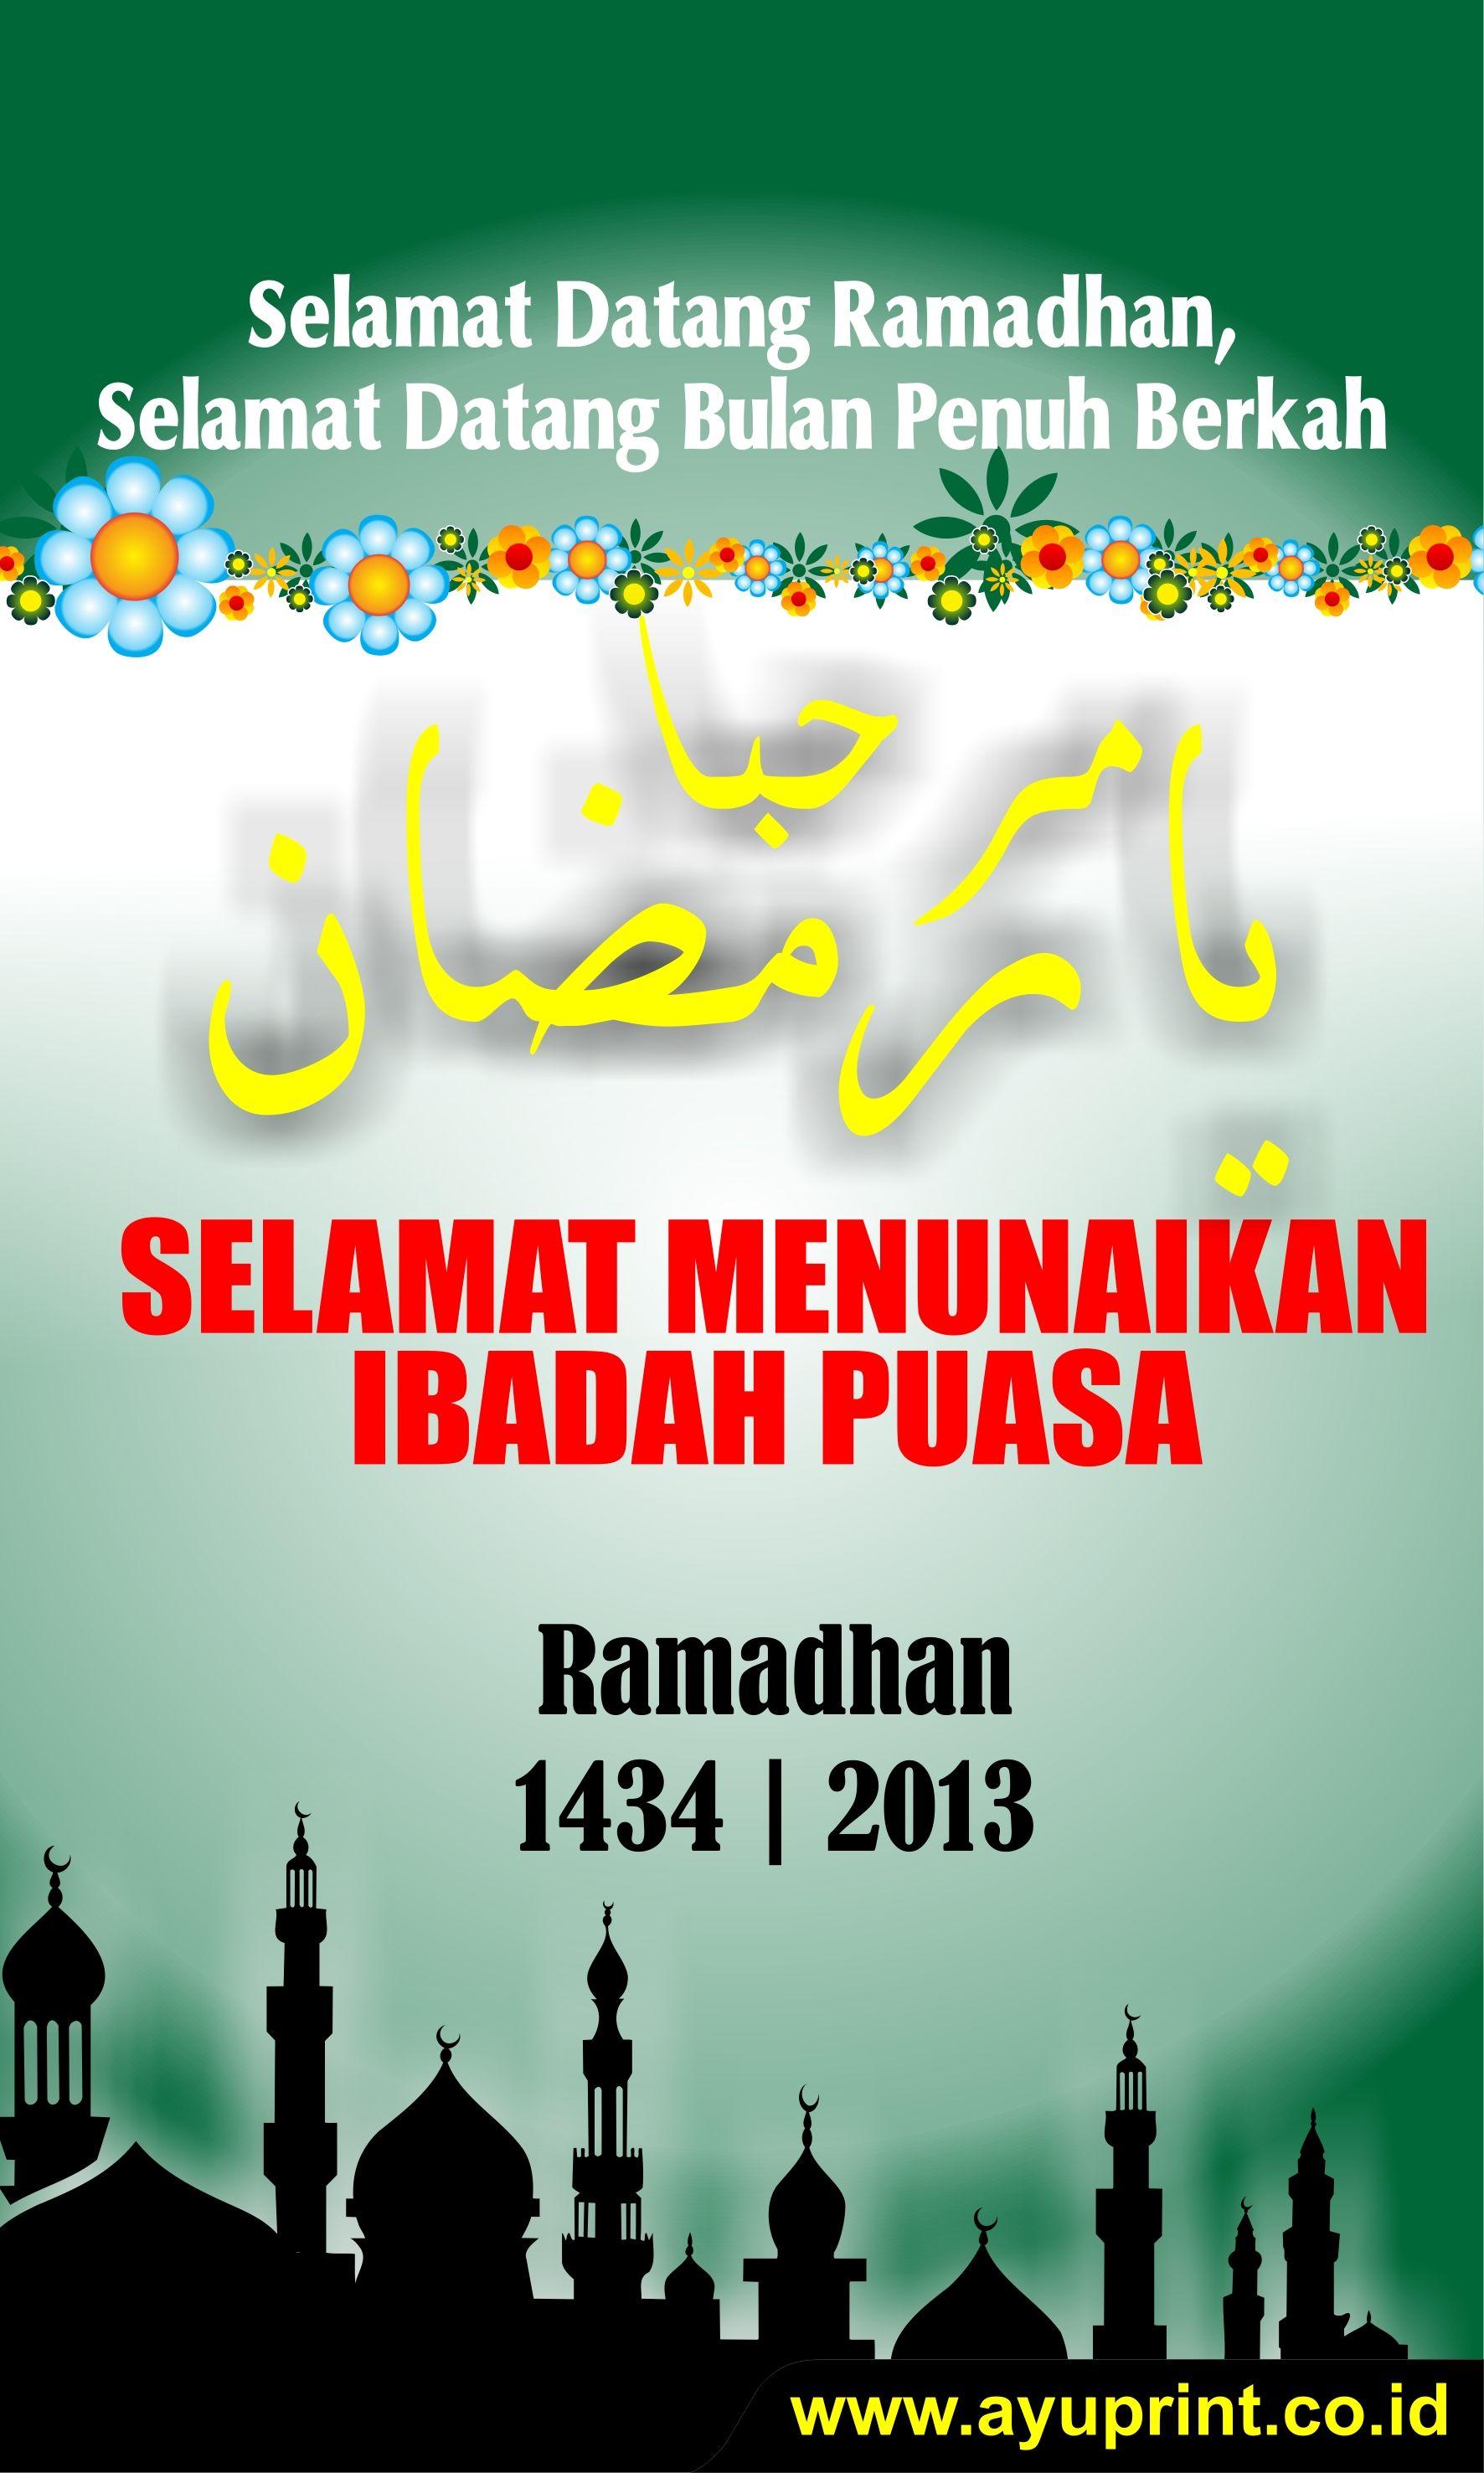 Design x banner pernikahan - Download Gratis Desain Spanduk Menyambut Ramadhan Marhaban Ya Ramadhan Format Vector Coreldraw Dan Jpeg Http